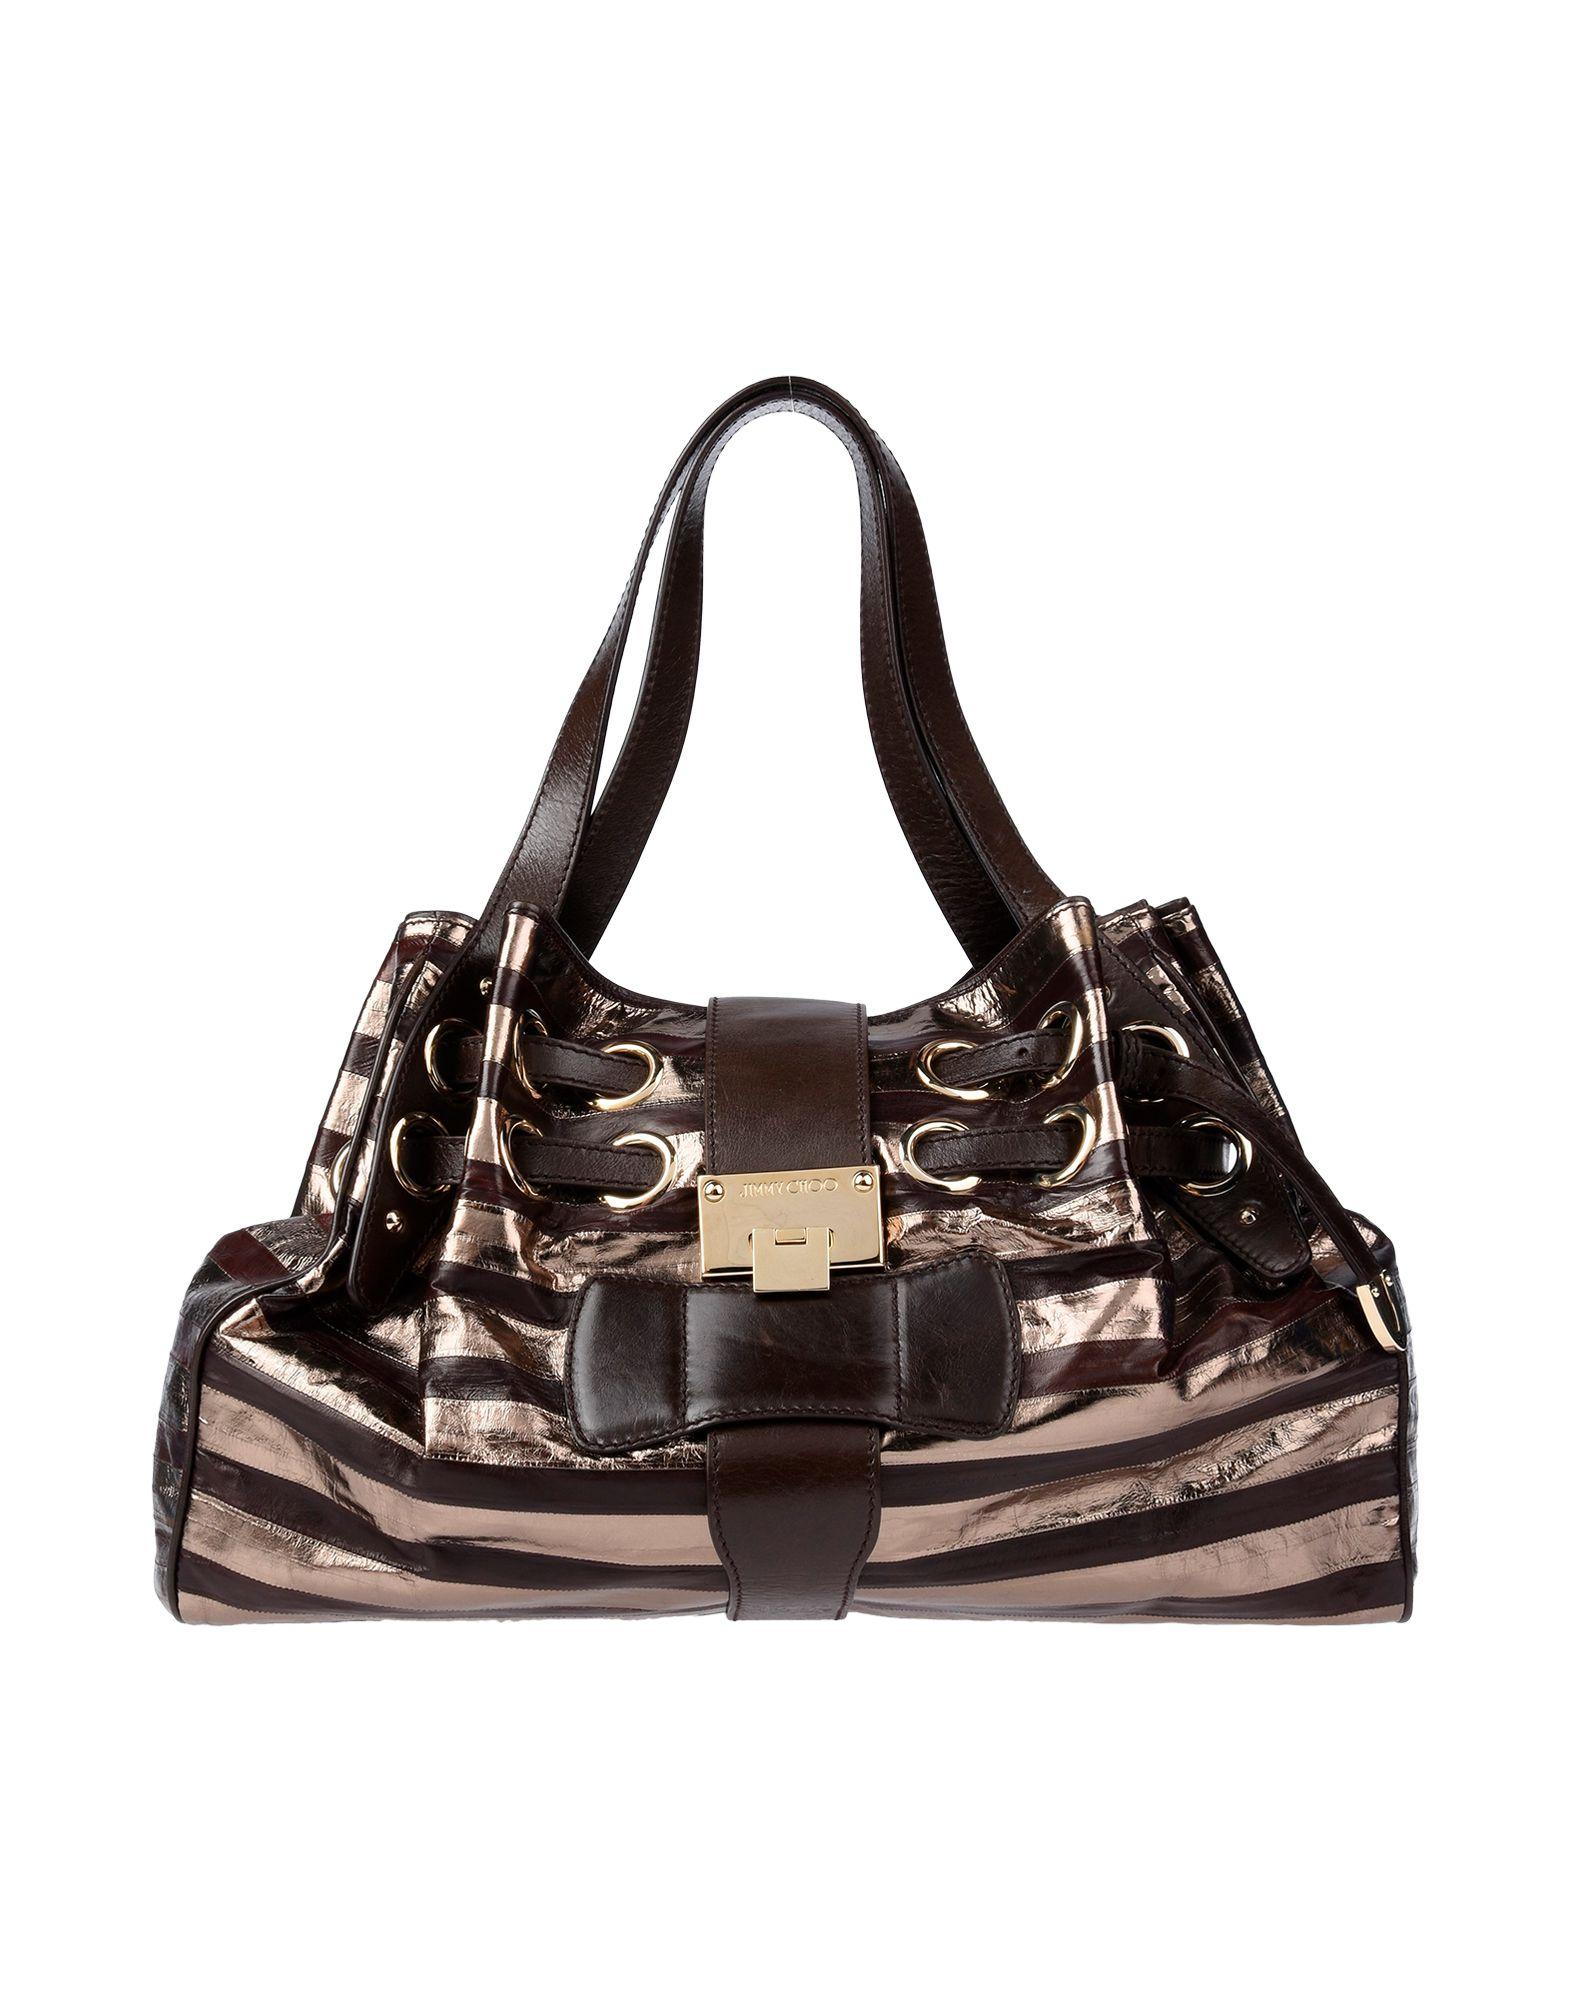 371aad62b6 Jimmy Choo Handbags - Foto Handbag All Collections Salonagafiya.Com